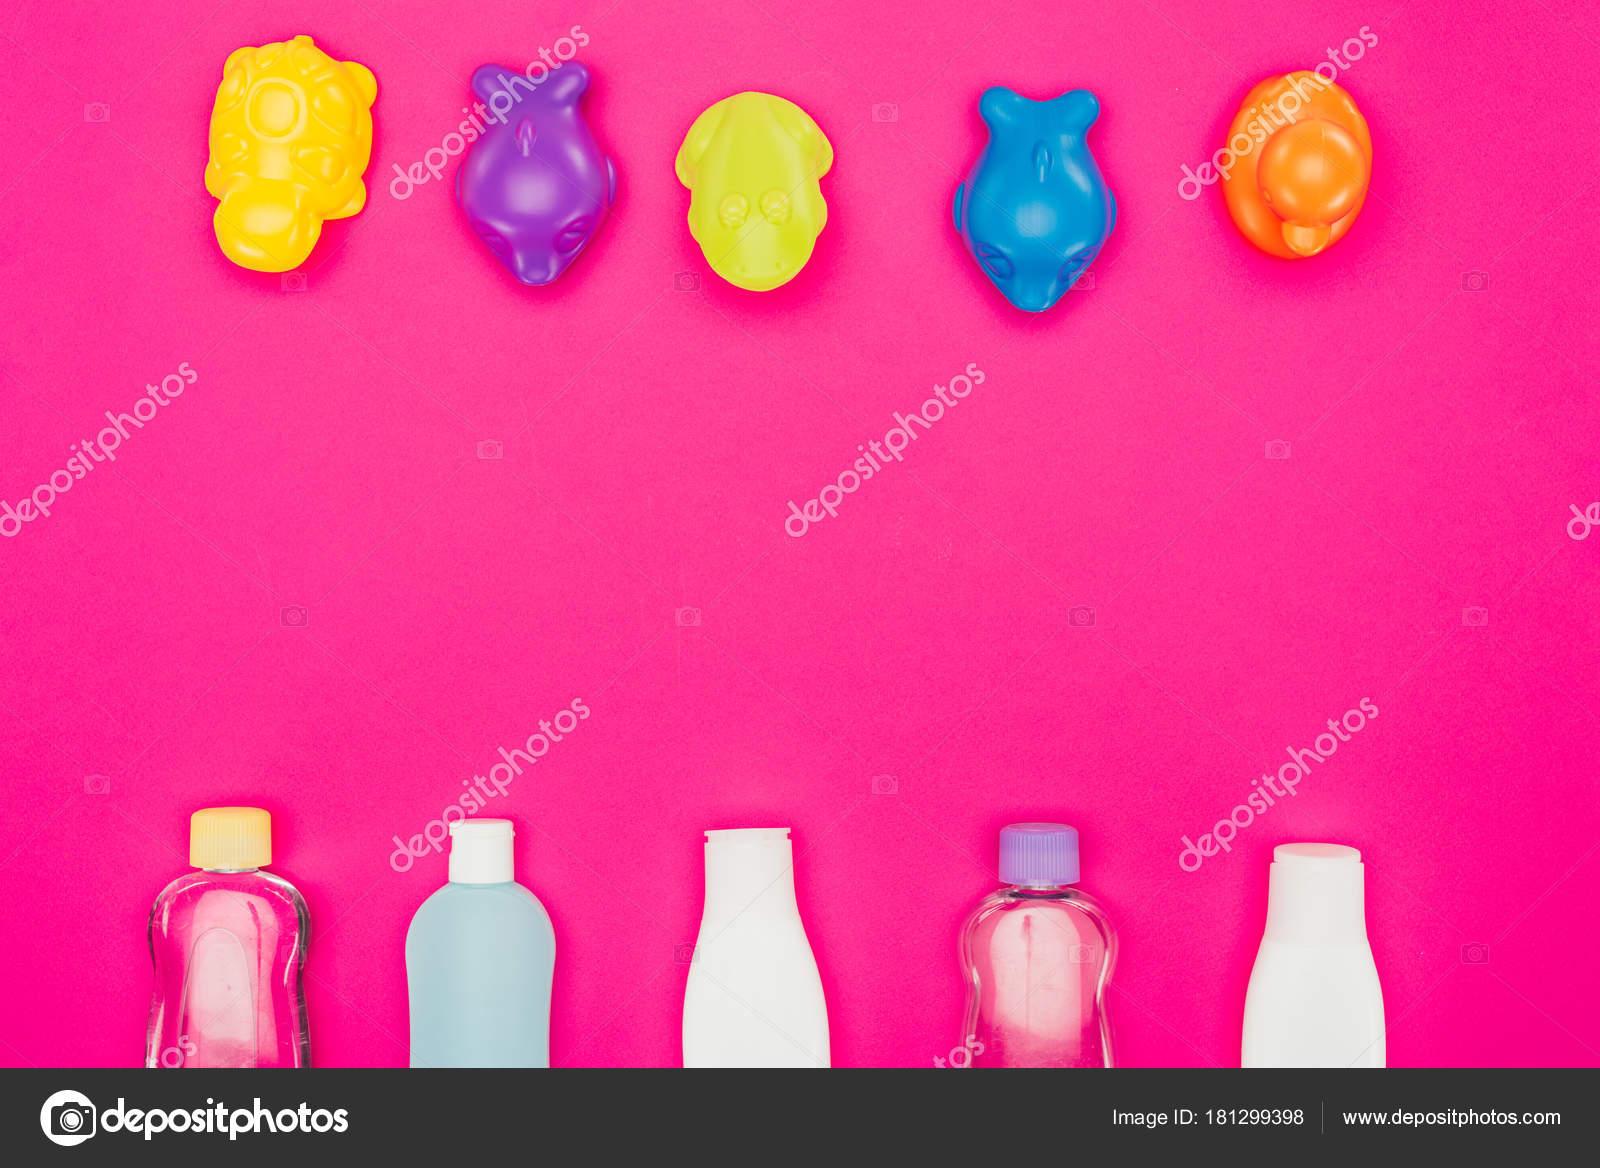 Vista superior juguetes accesorios ba o aislados rosa for Accesorios bano rosa